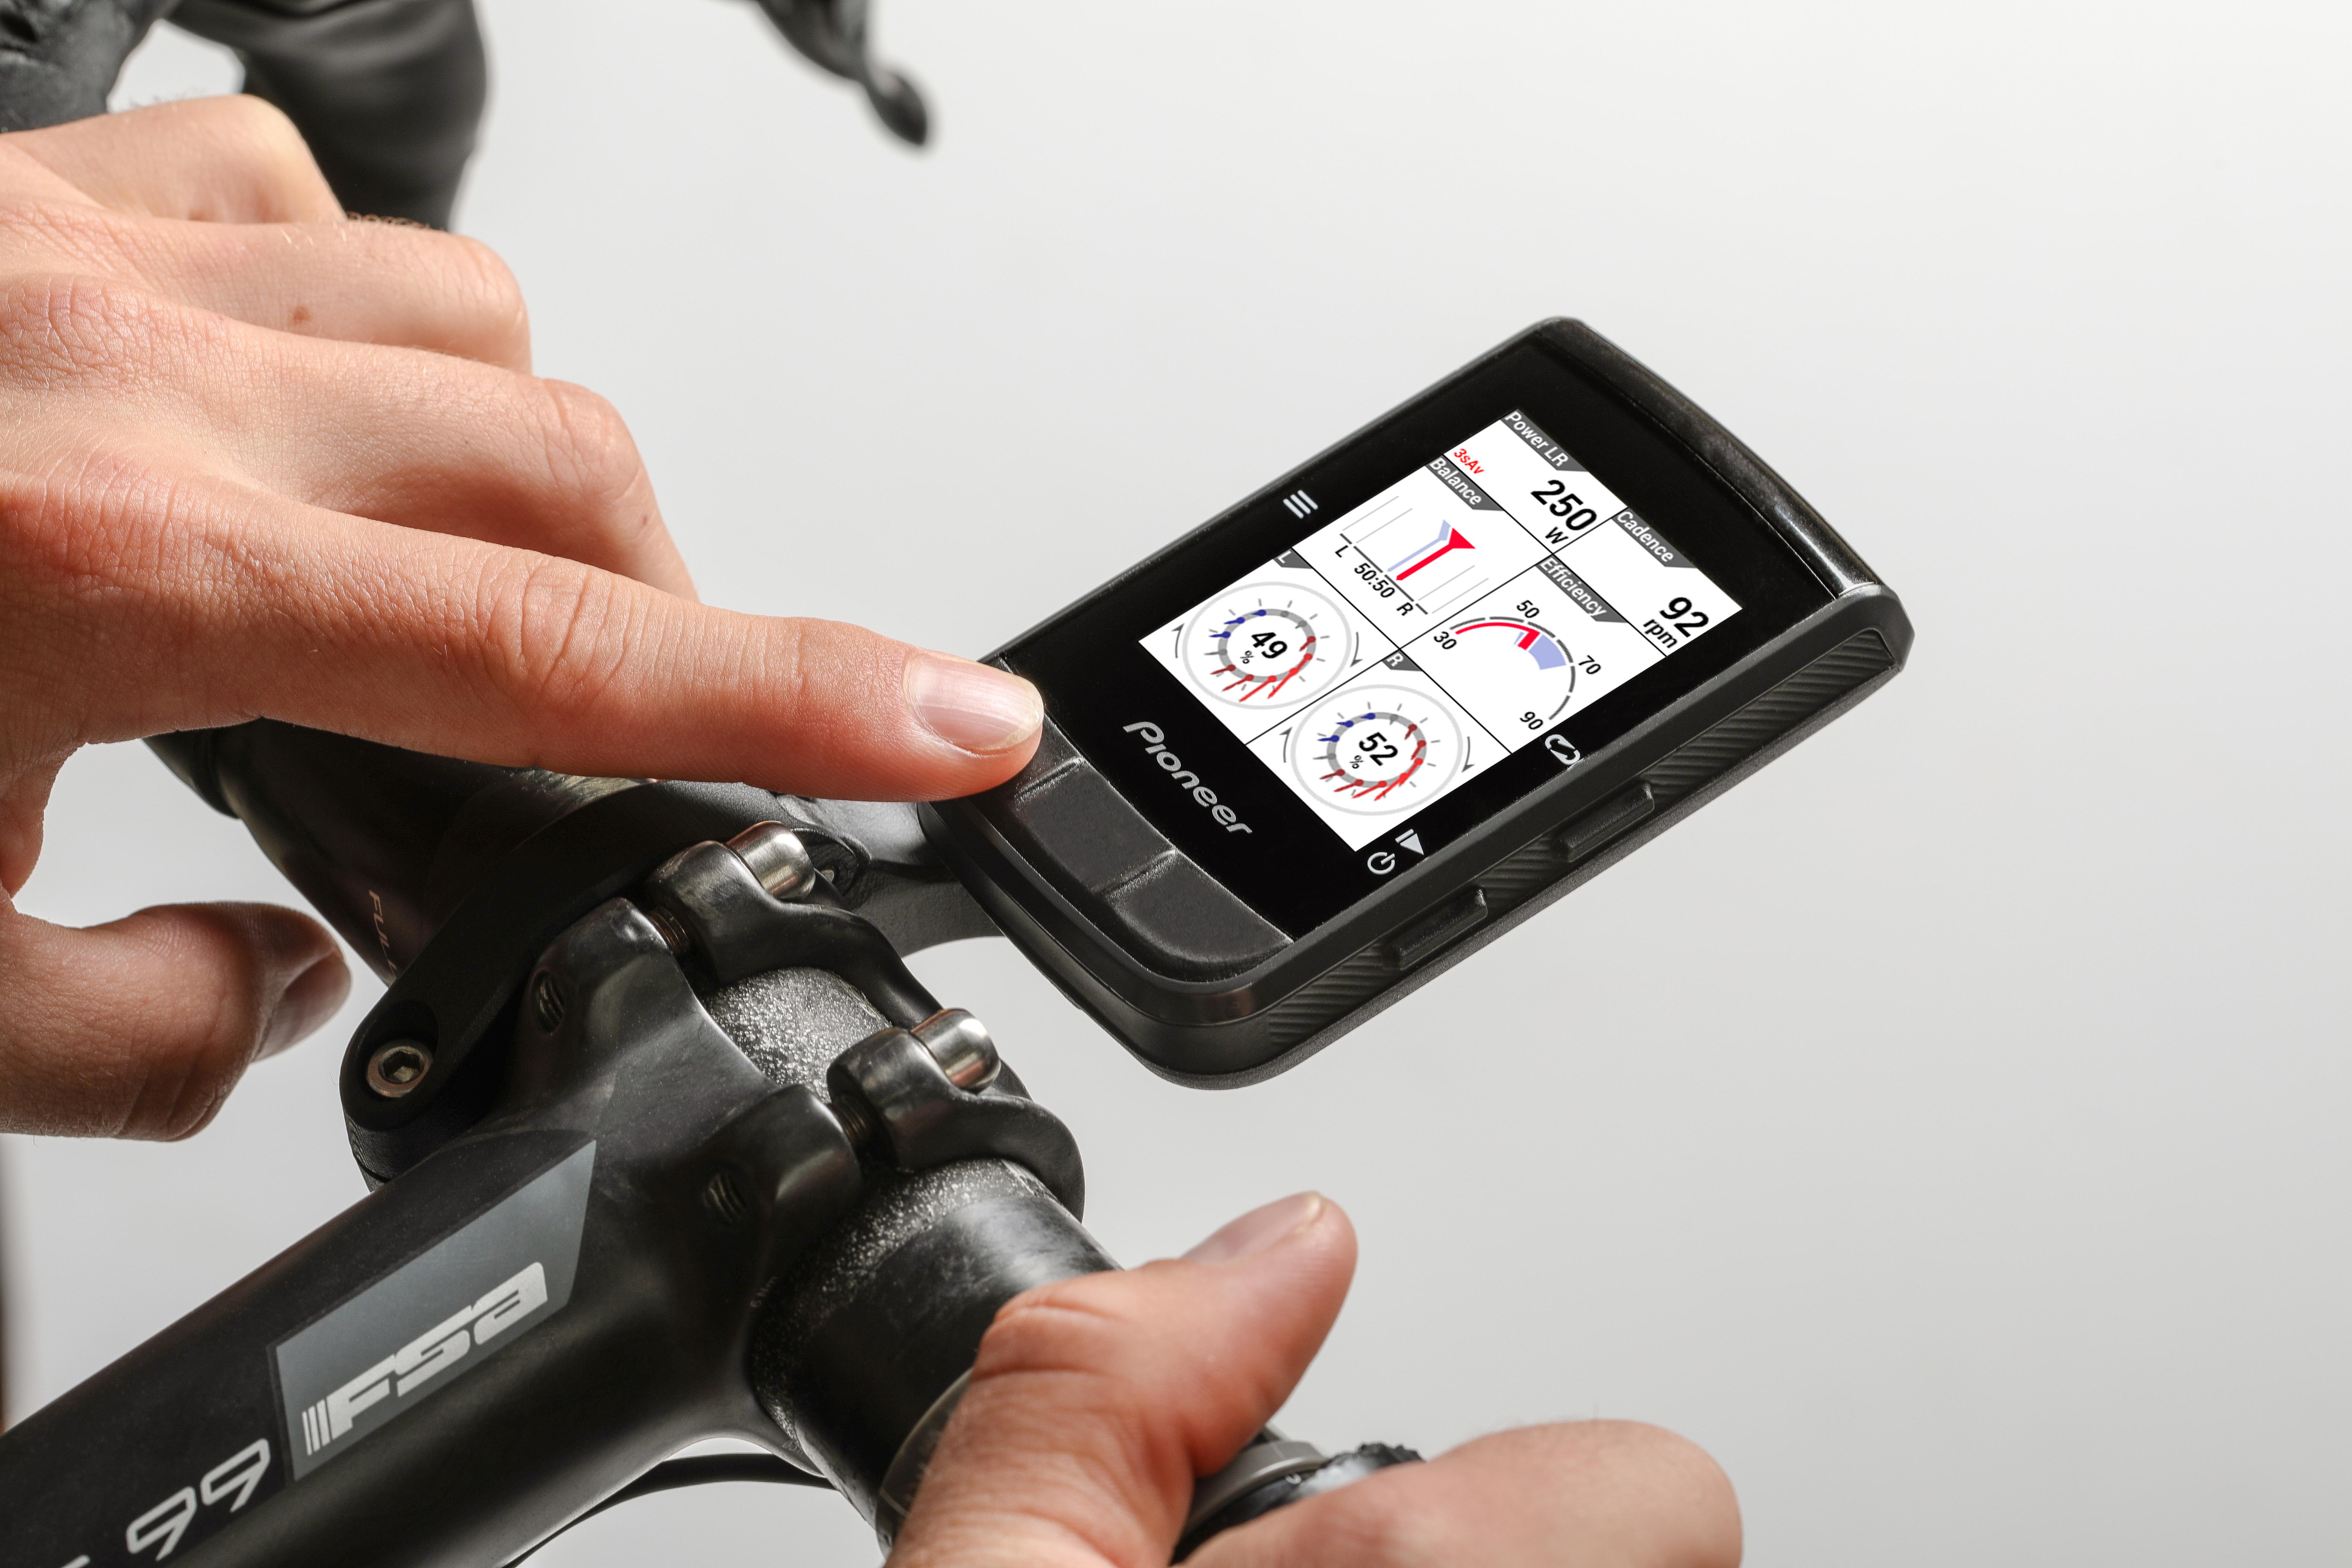 Pioneer revamps its power meter line, brings pedaling